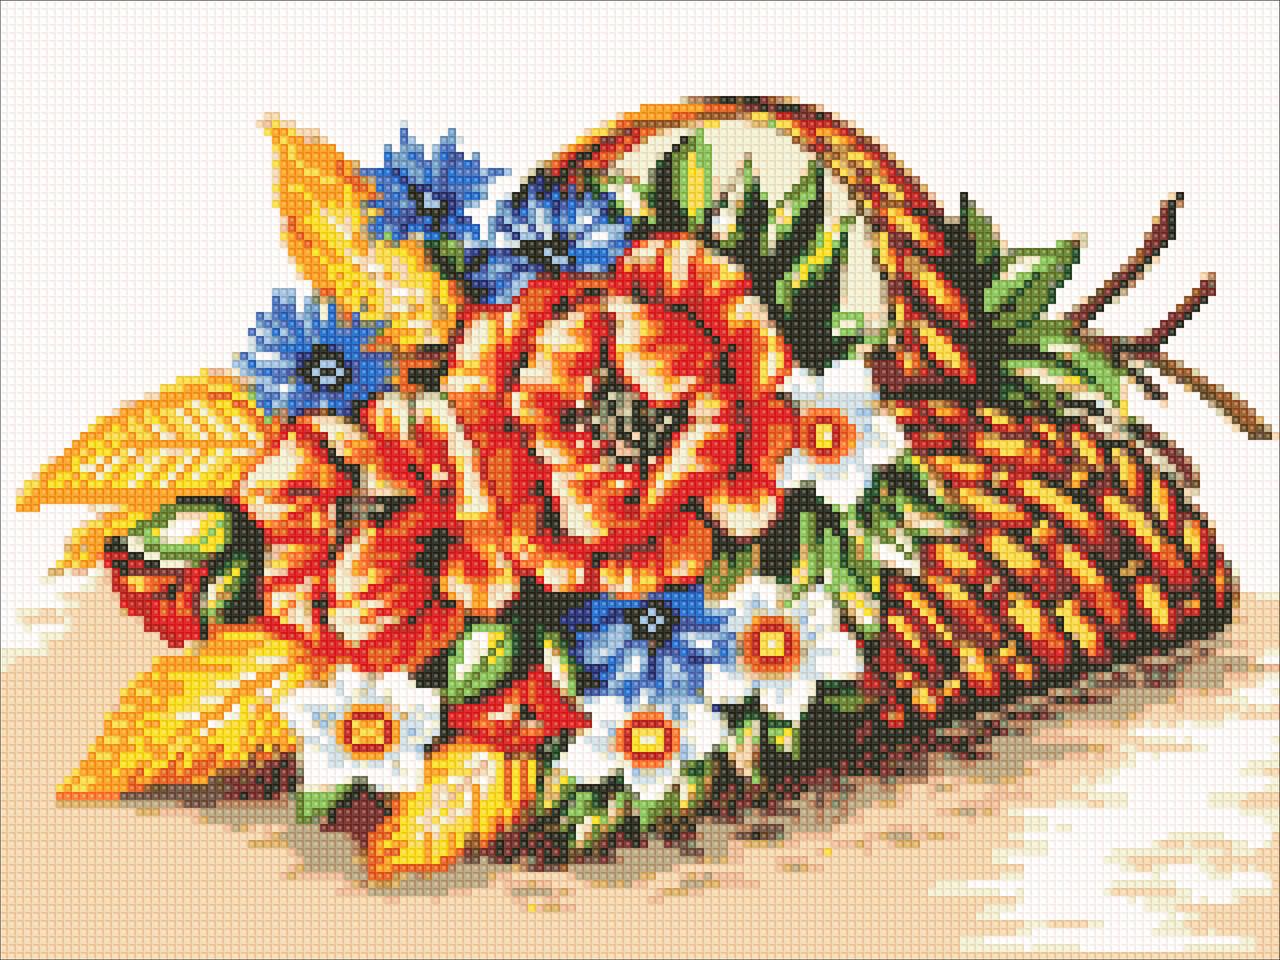 Мозаика акриловыми камнями Полевые цветы DM-307 (30 х 40 см) ТМ Алмазная мозаика